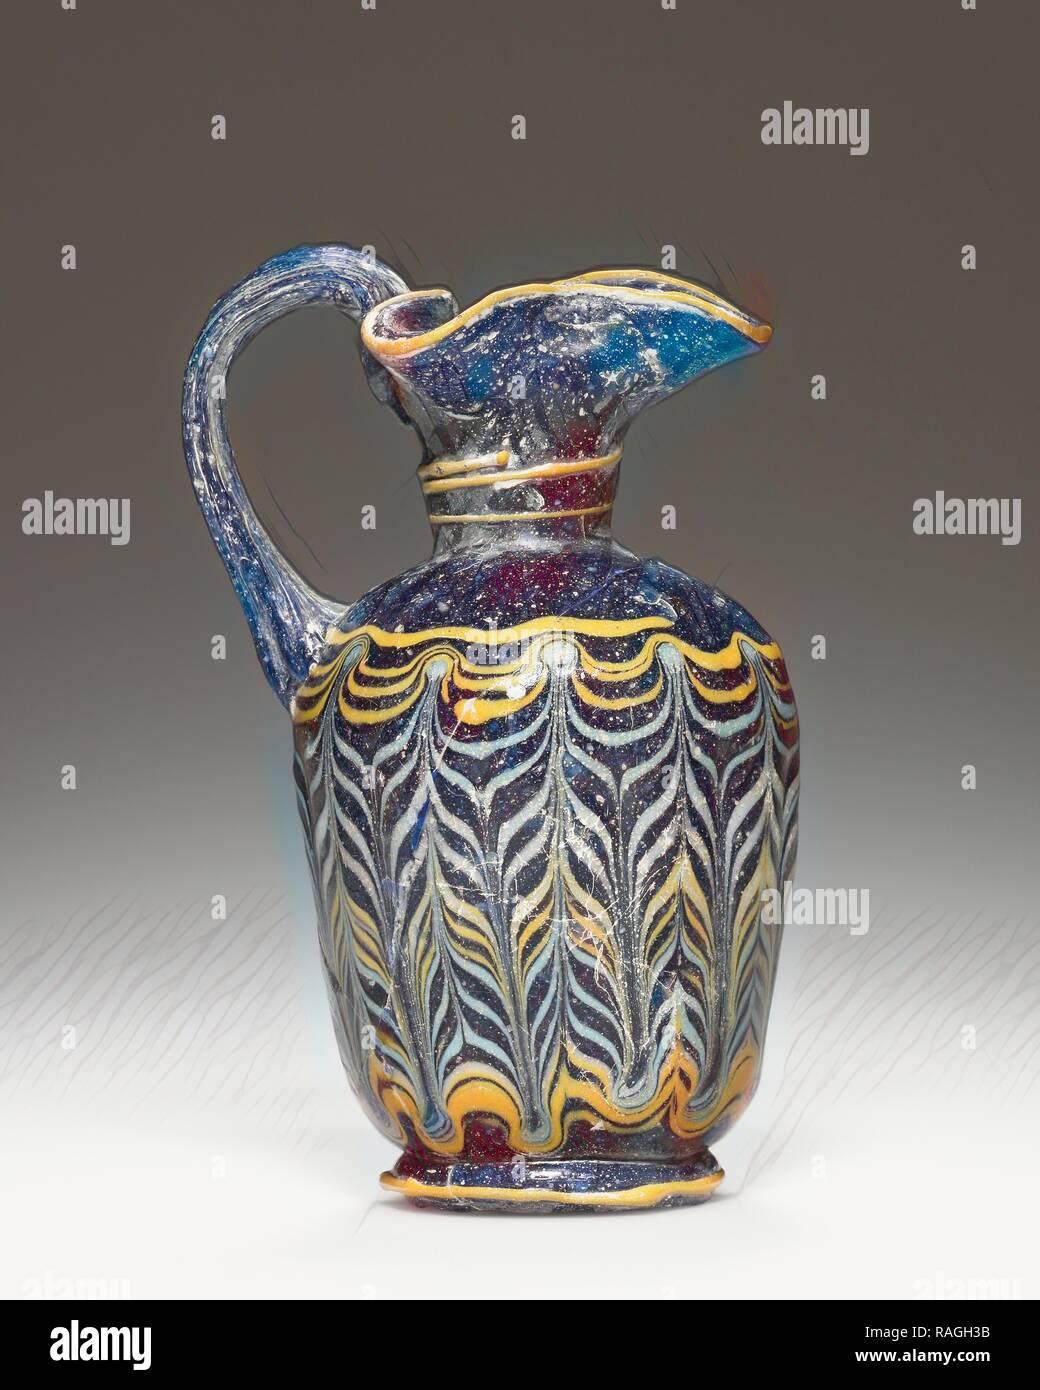 Oinochoe, 4° - 3° secolo a.C, vetro, 10,2 cm (4 in.). Reinventato da Gibon. Arte Classica con un tocco di moderno reinventato Immagini Stock